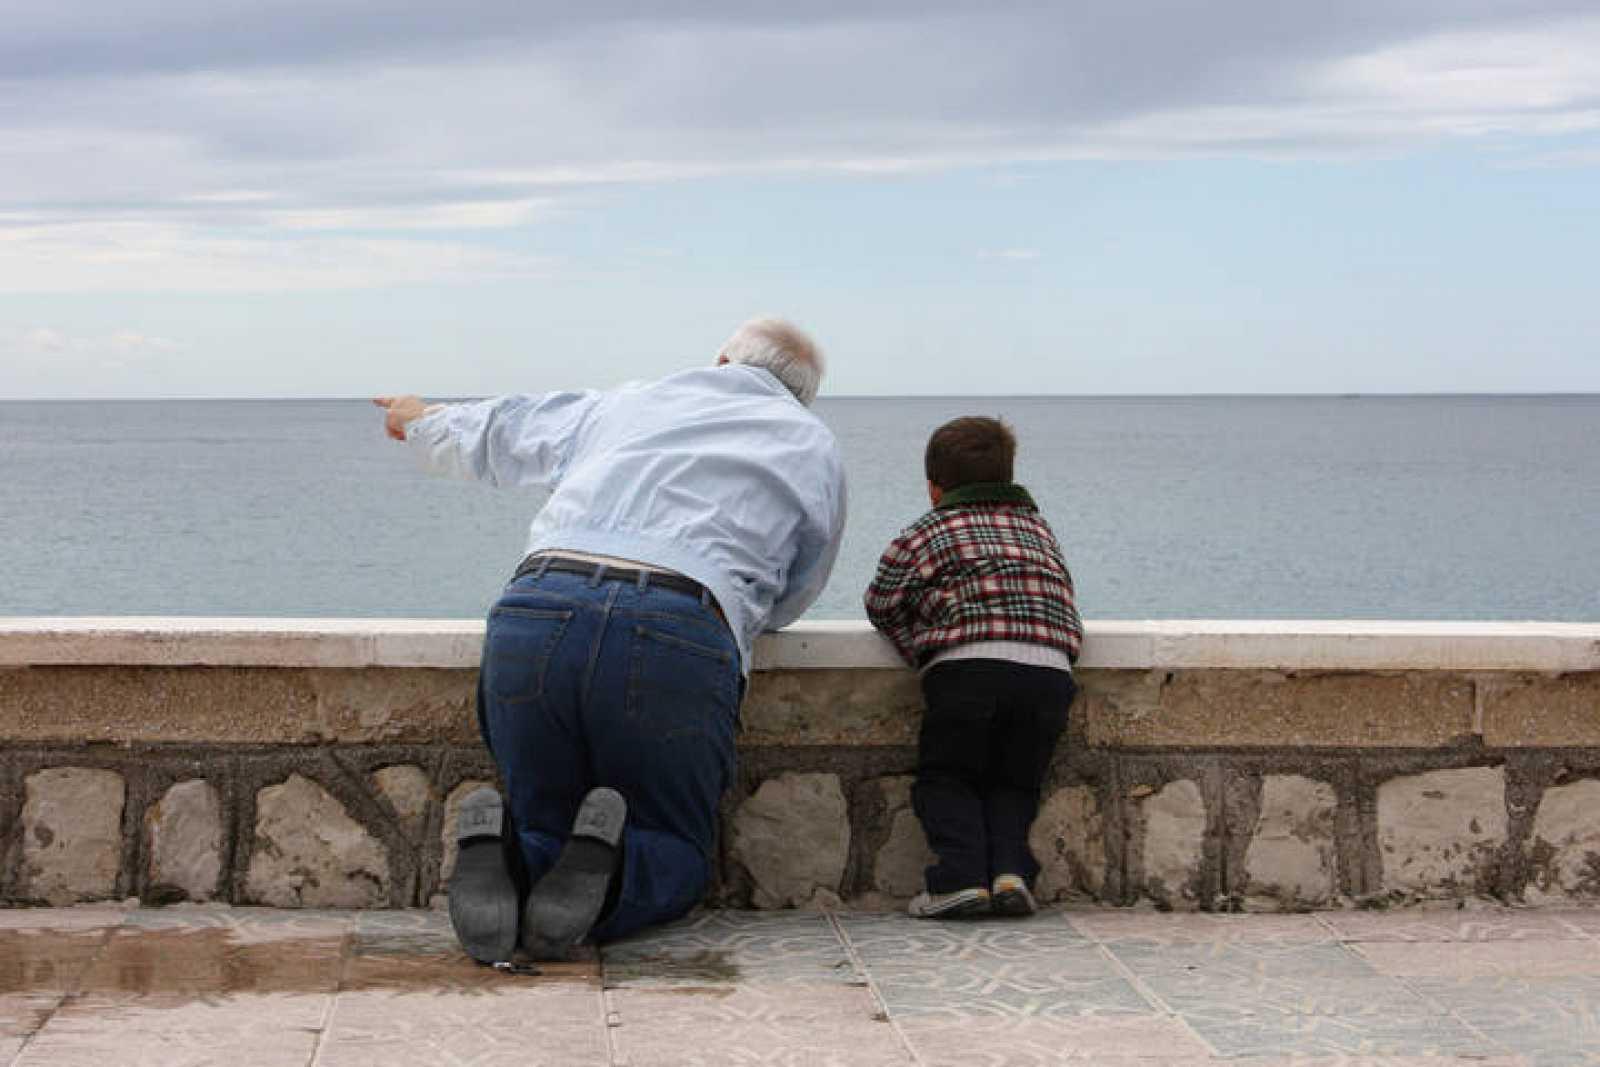 El tiempo transcurre muy despacio siendo niños porque casi todas las experiencias son nuevas